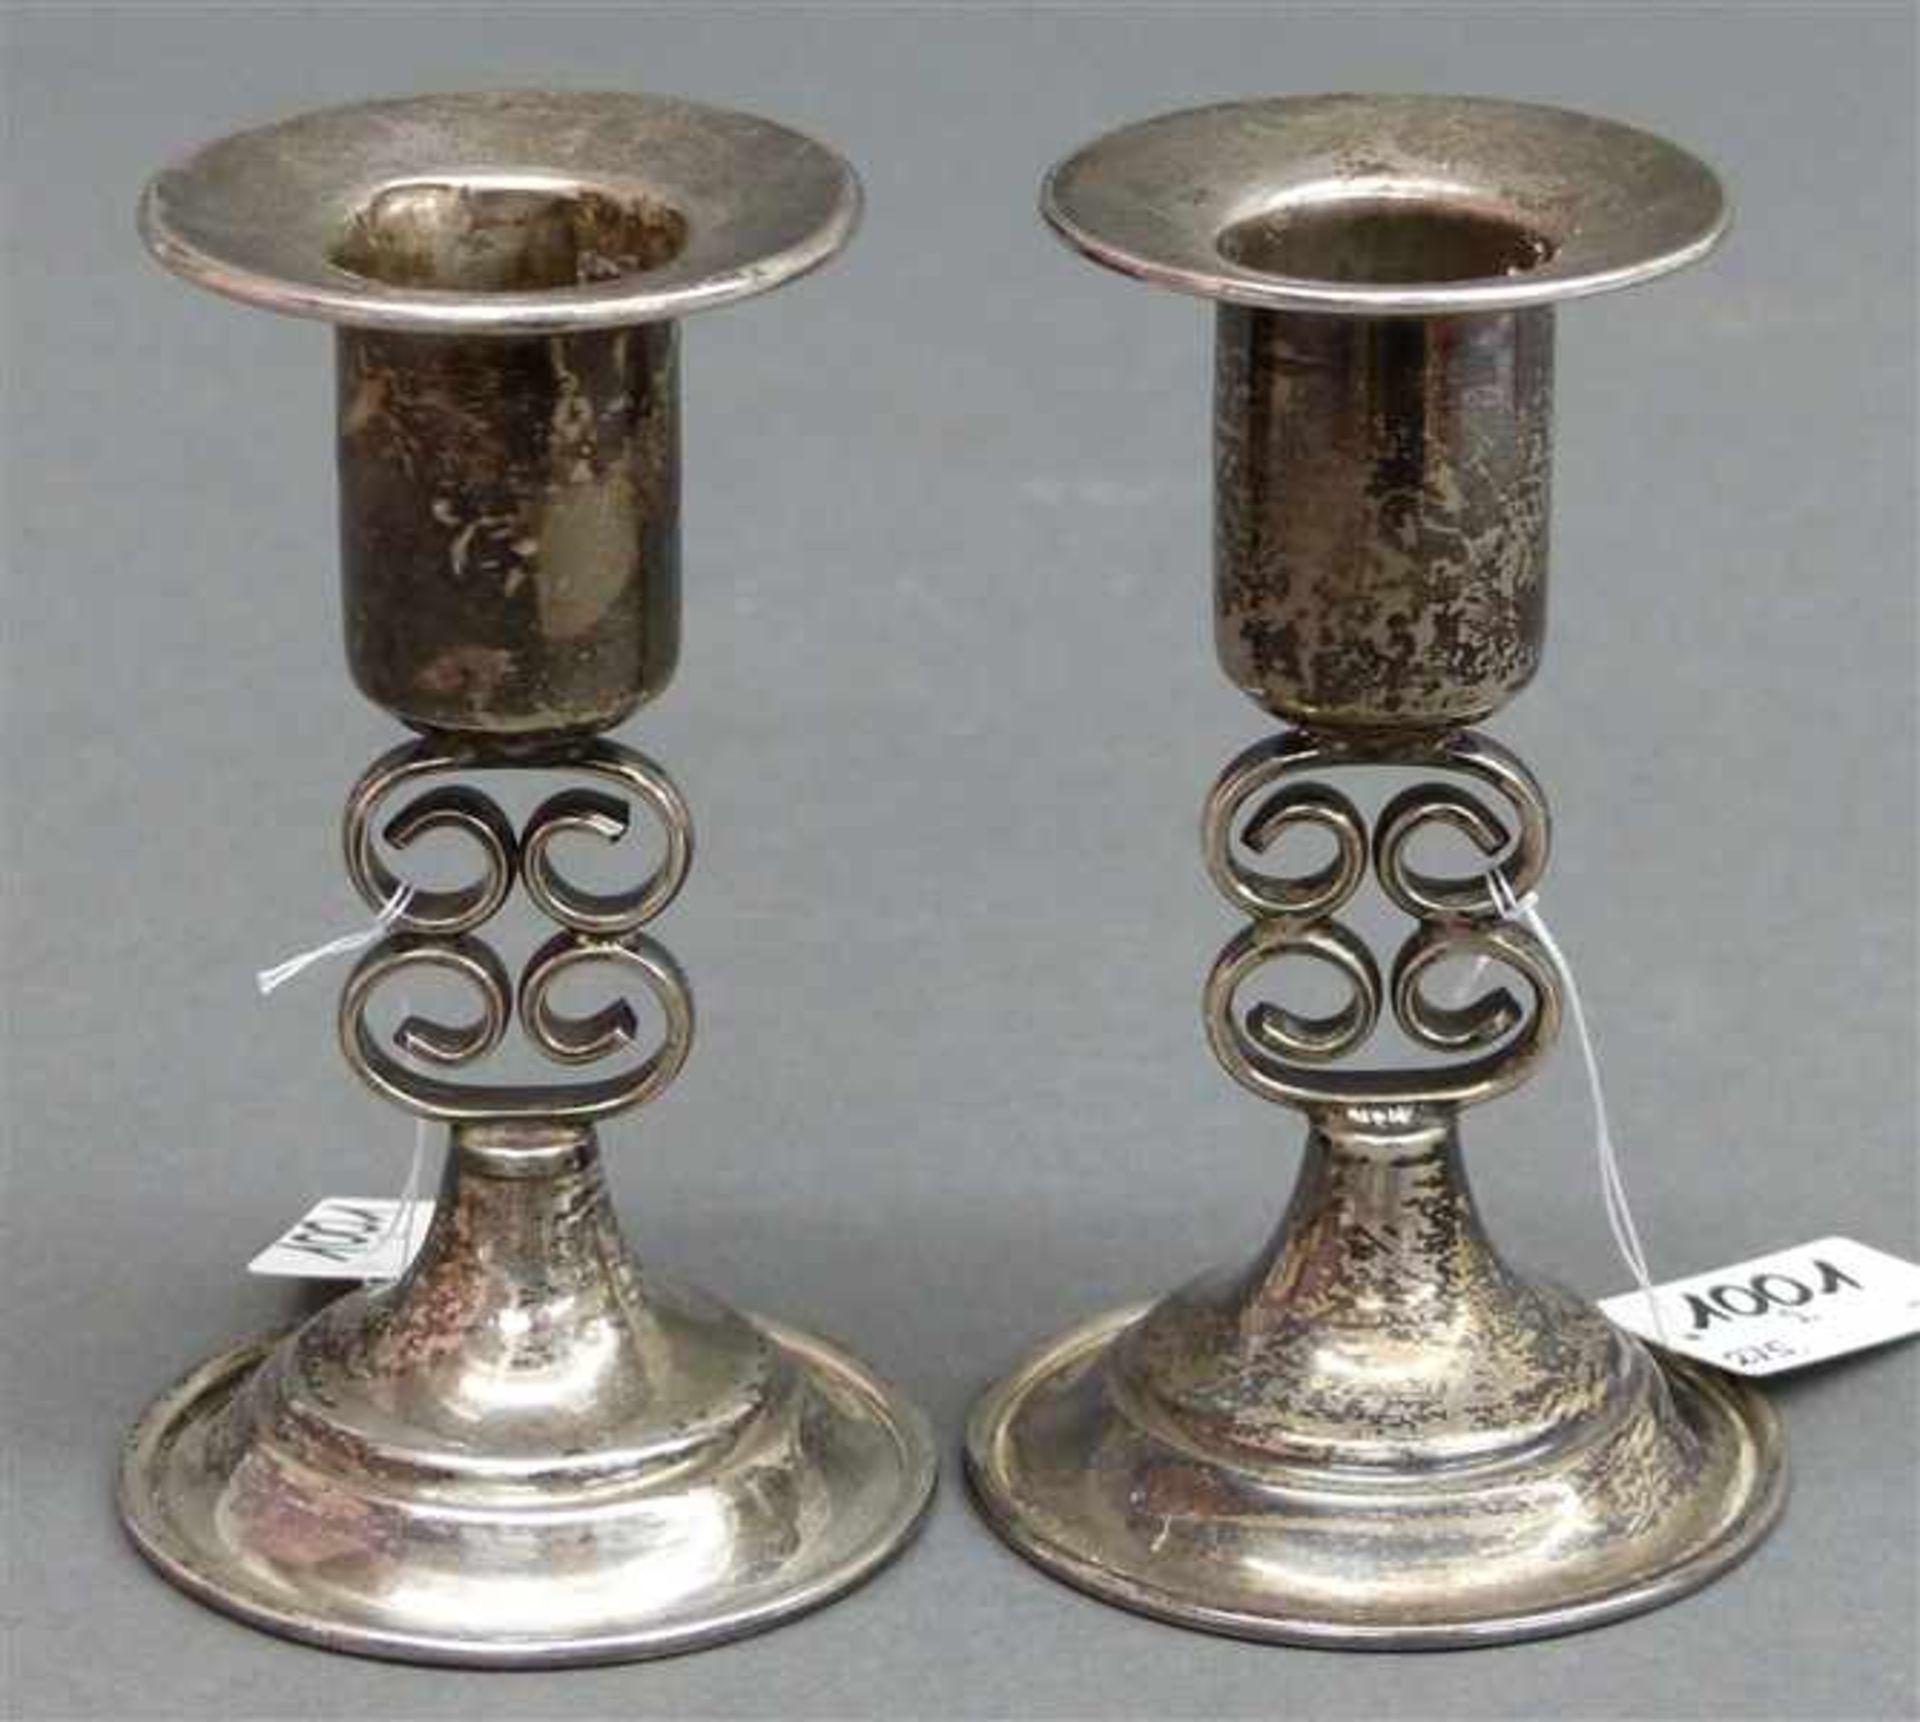 Los 1001 - Paar Kerzenleuchter Silber, punziert, h 10 cm, 97 g schwer,